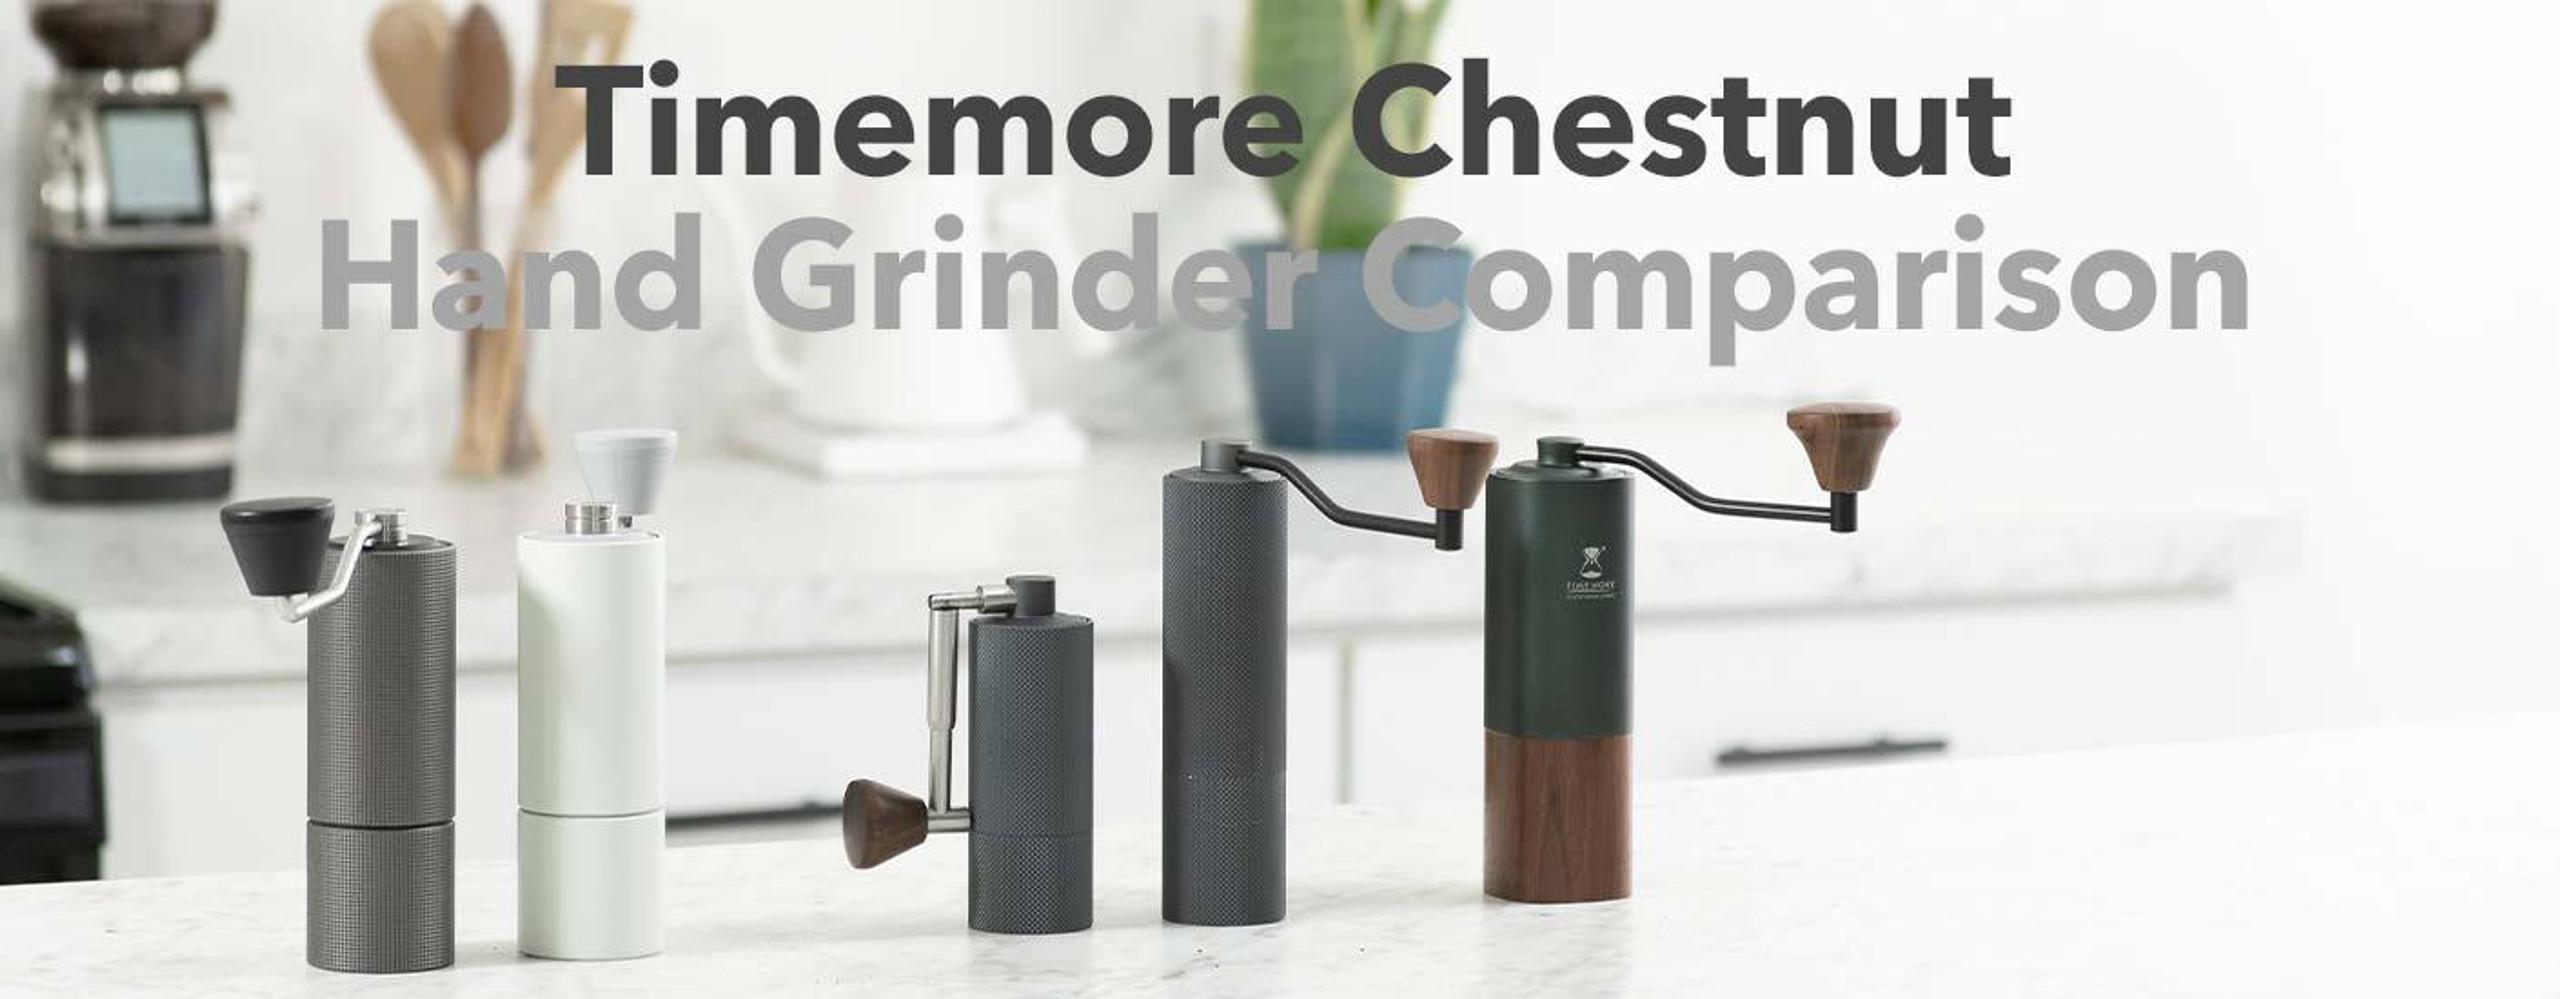 Timemore Chestnut Comparison